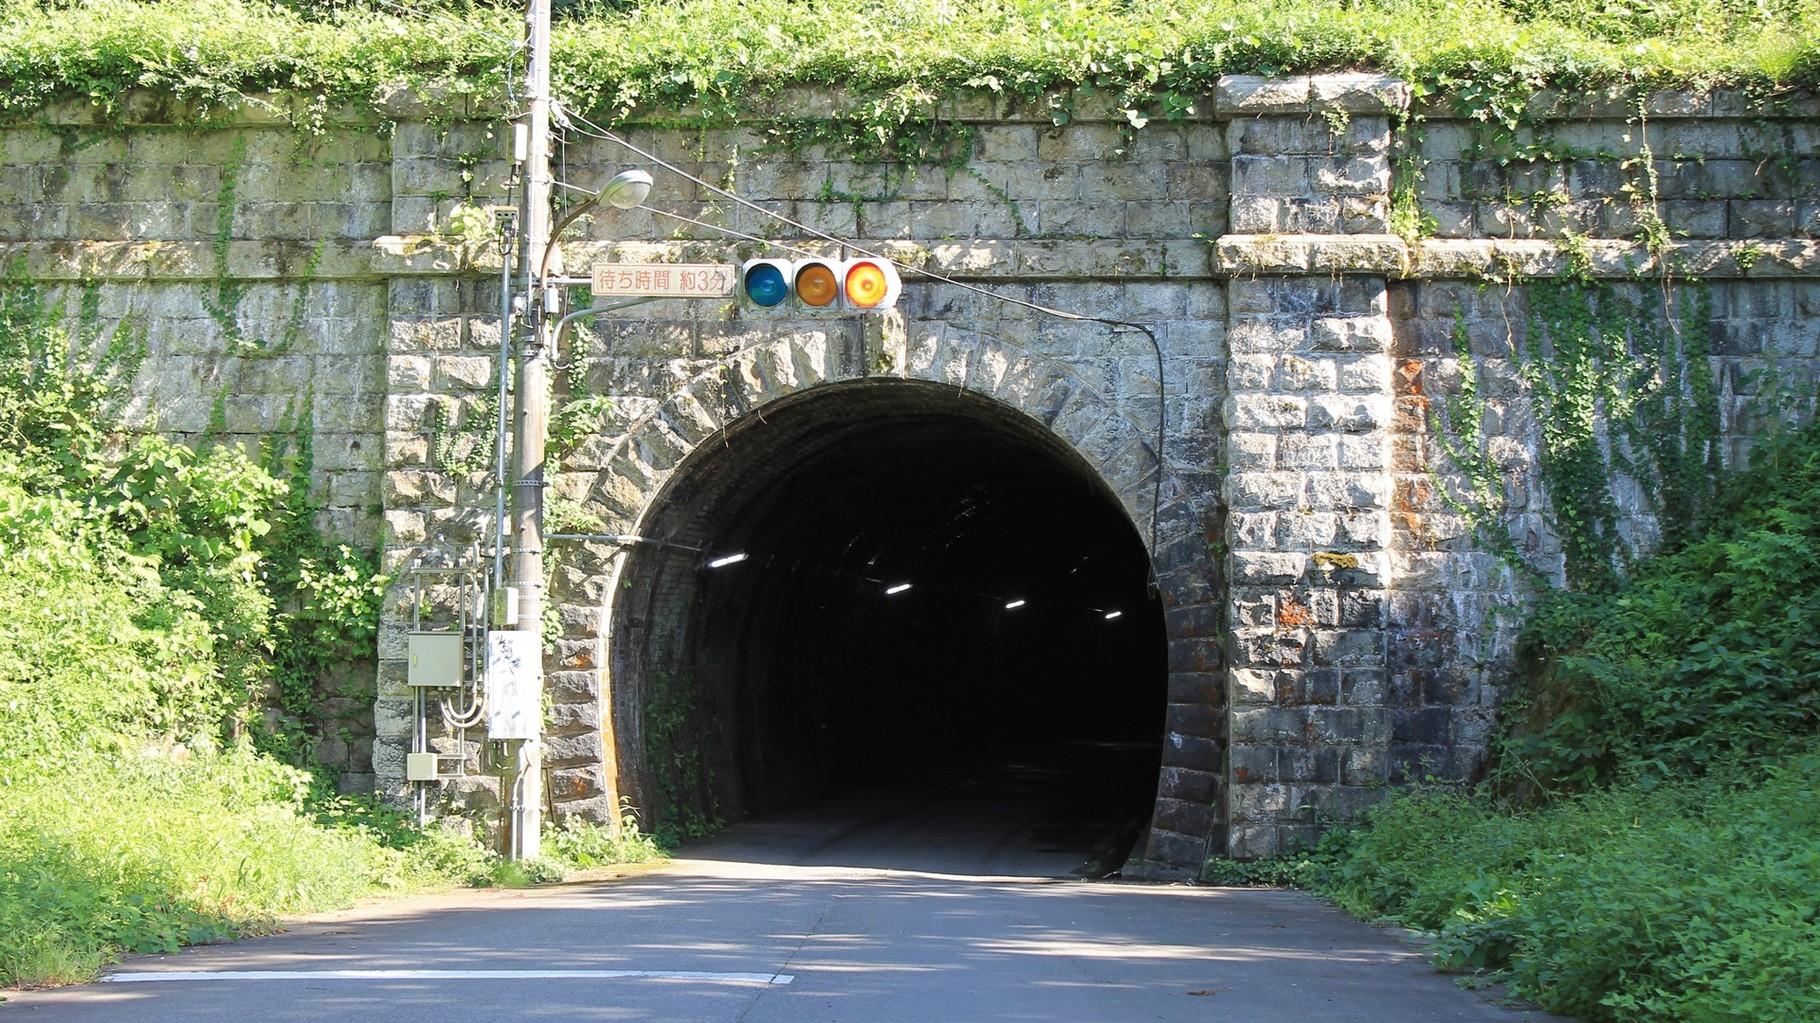 現在は、通学路としても利用されている。トンネル内の証明もLEDを使用。